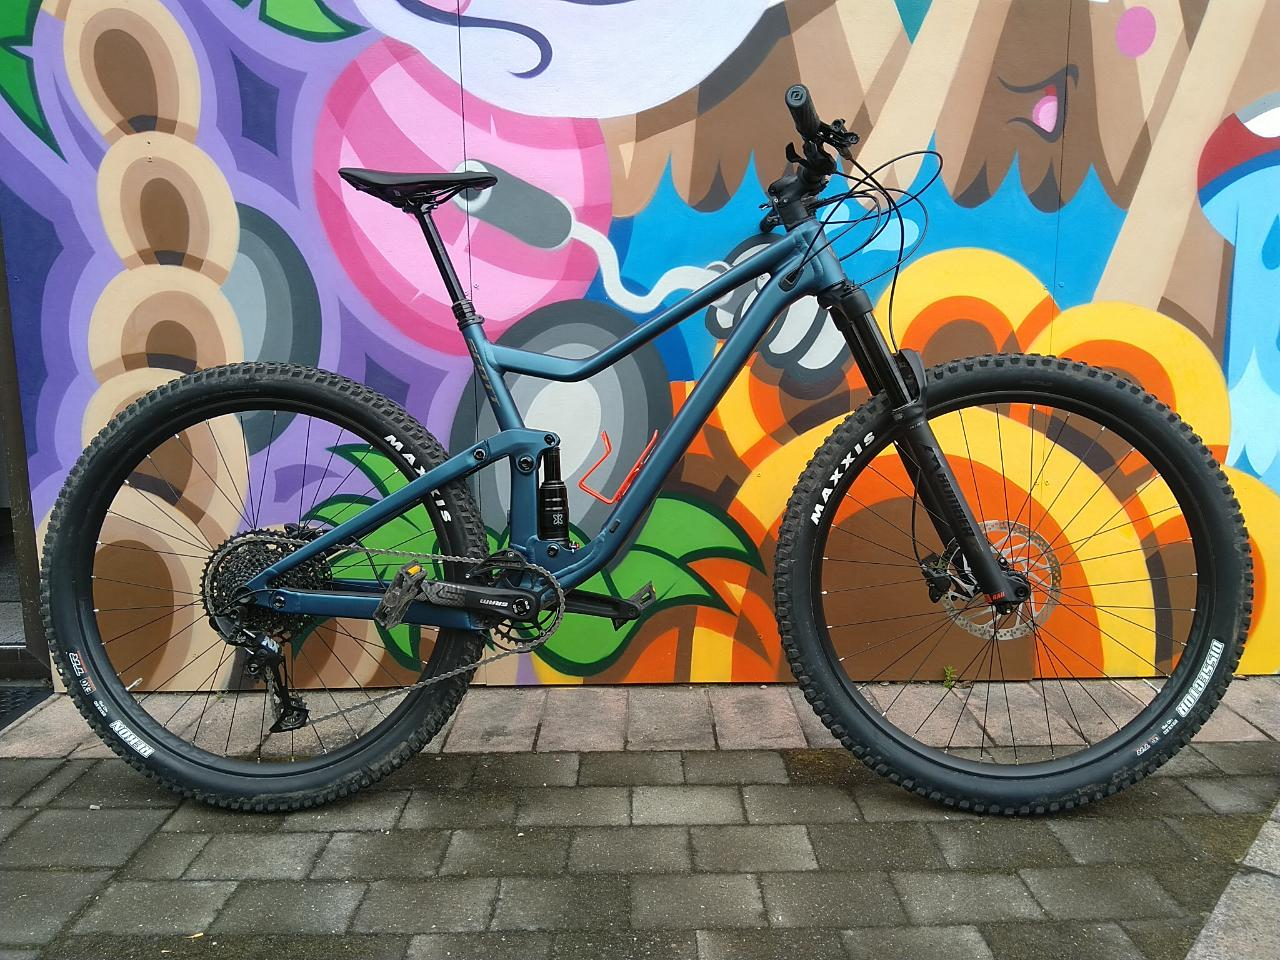 Full Suspension Scott Genius bike - Up to 4 hours